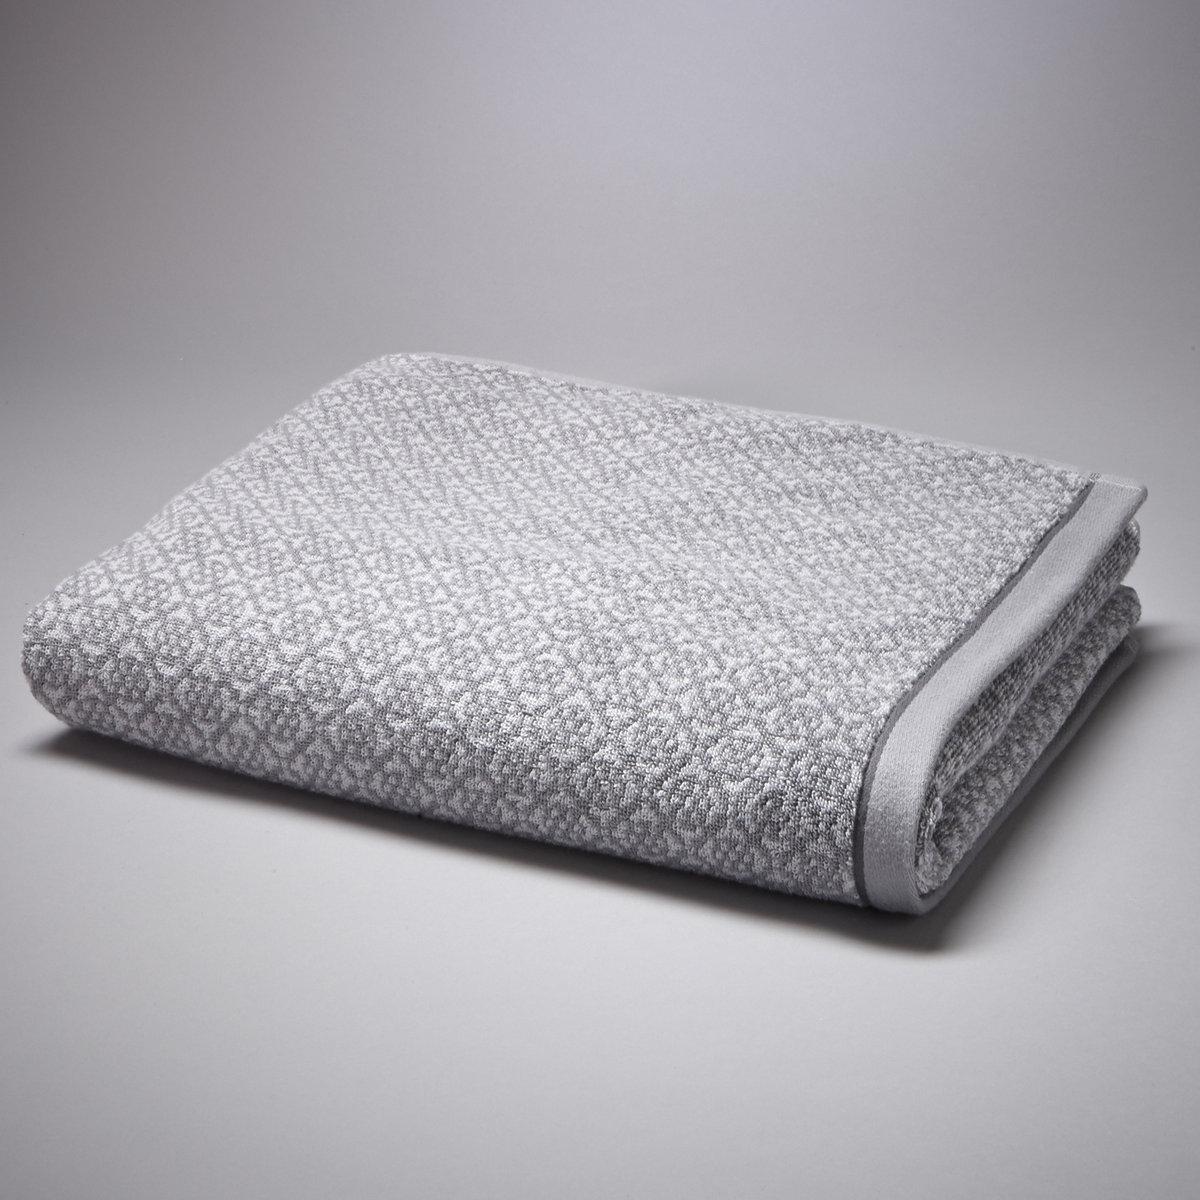 Полотенце АЗЮЛЬЖОЖаккардовое полотенце, 100% хлопка, 500 г/м?. Мягкая, нежная, впитывающая махровая ткань.Контрастные восточные мотивы. Однотонные полоски по краям. Стирка при 60°.Размеры полотенца: 50 x 100 см.<br><br>Цвет: серый,синий